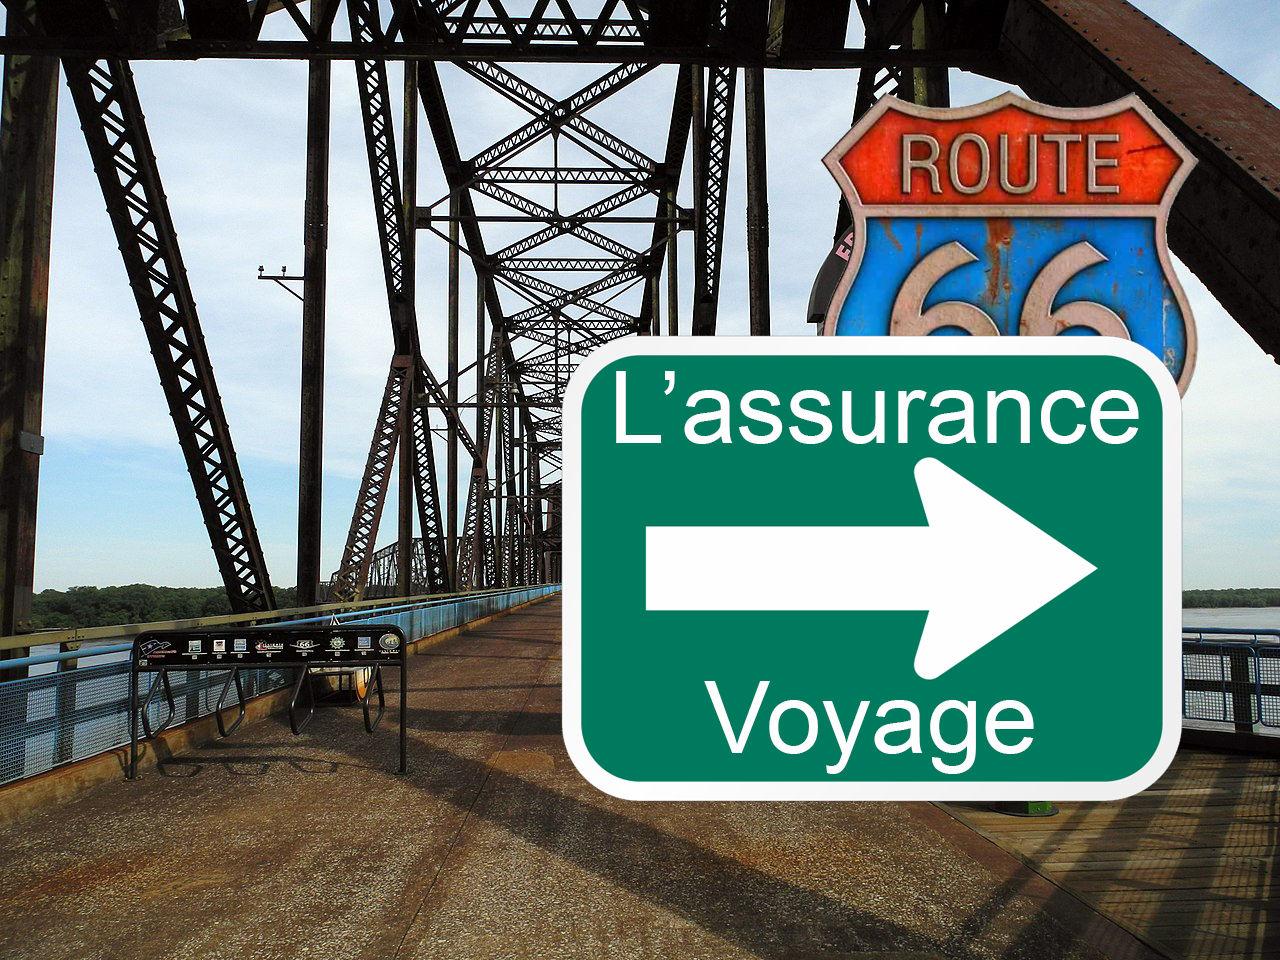 Les Assurances Voyages aux Etats-Unis